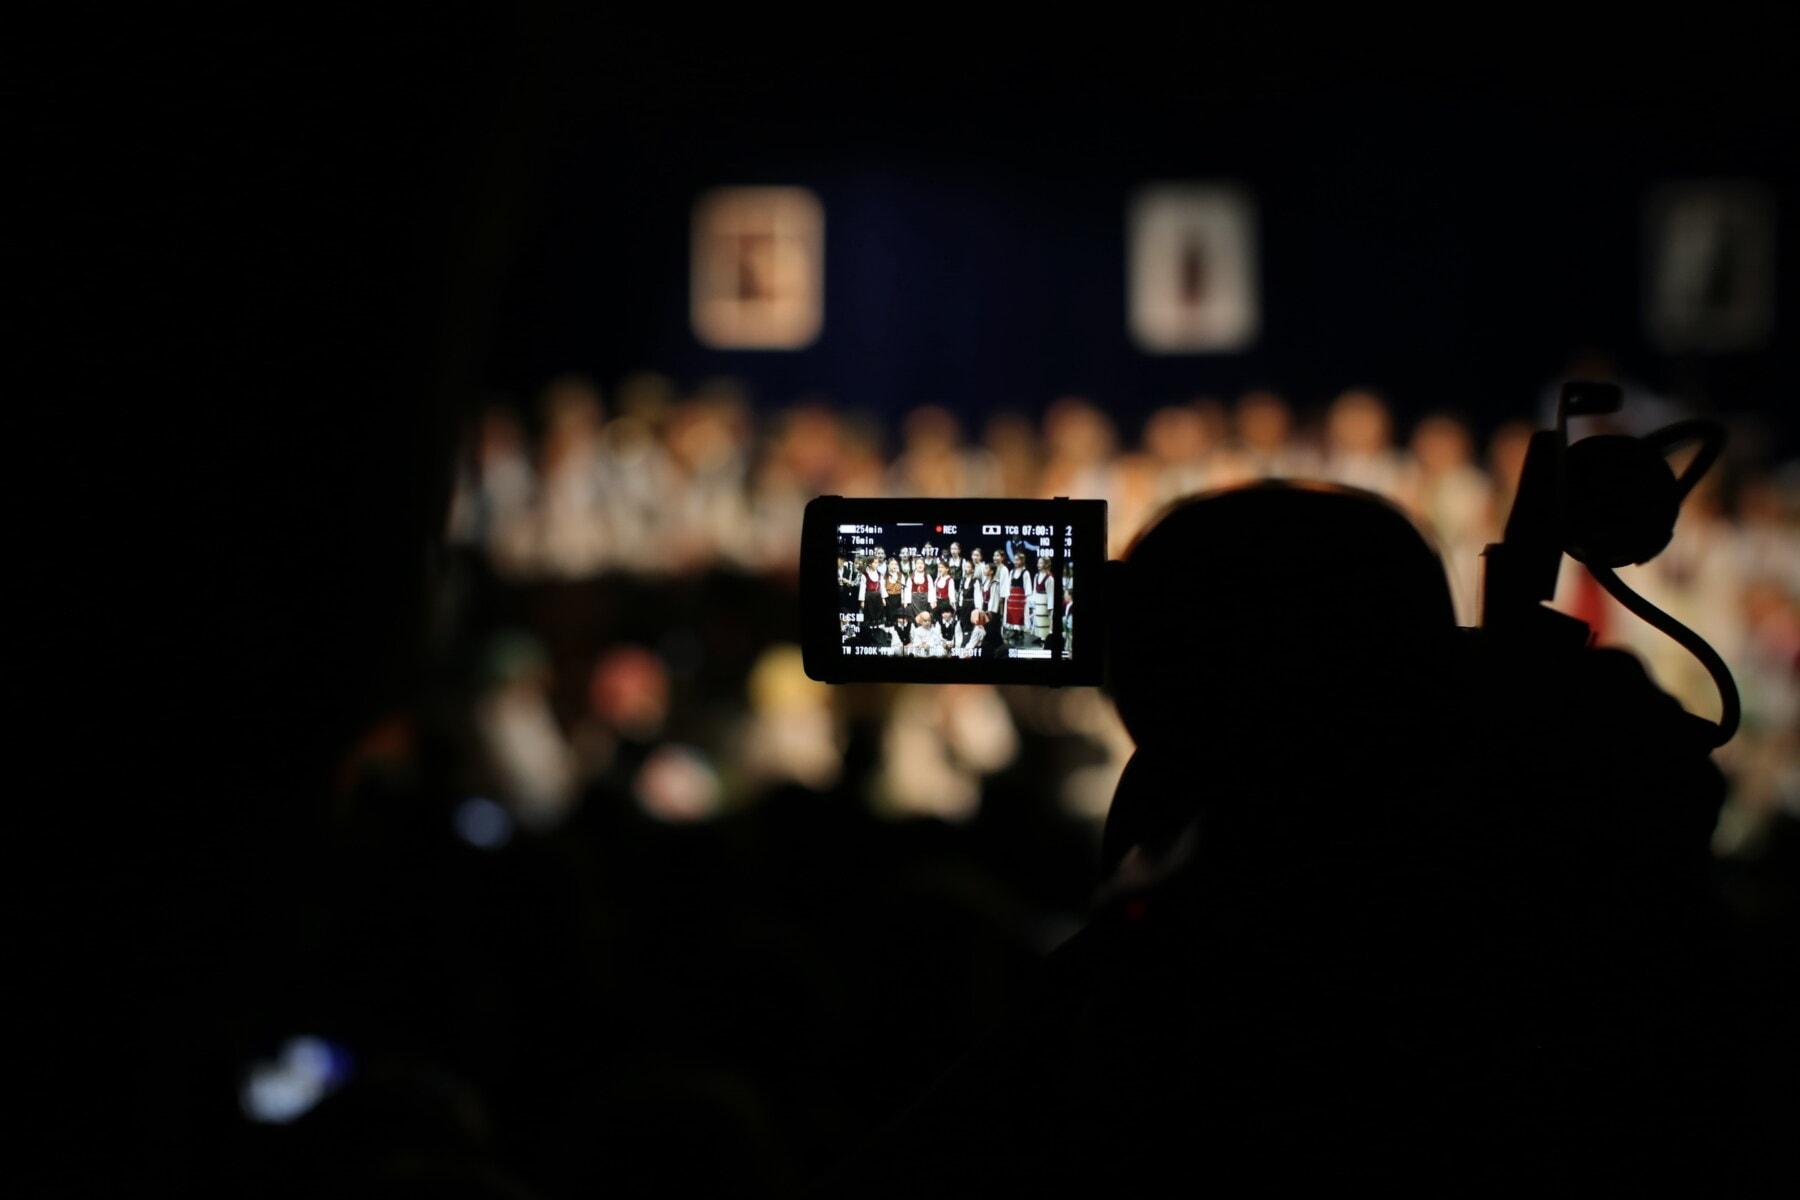 enregistrement vidéo, vidéo, appareil photo numérique, sombre, public, Auditorium de la, Théâtre, ténèbres, gens, brouiller